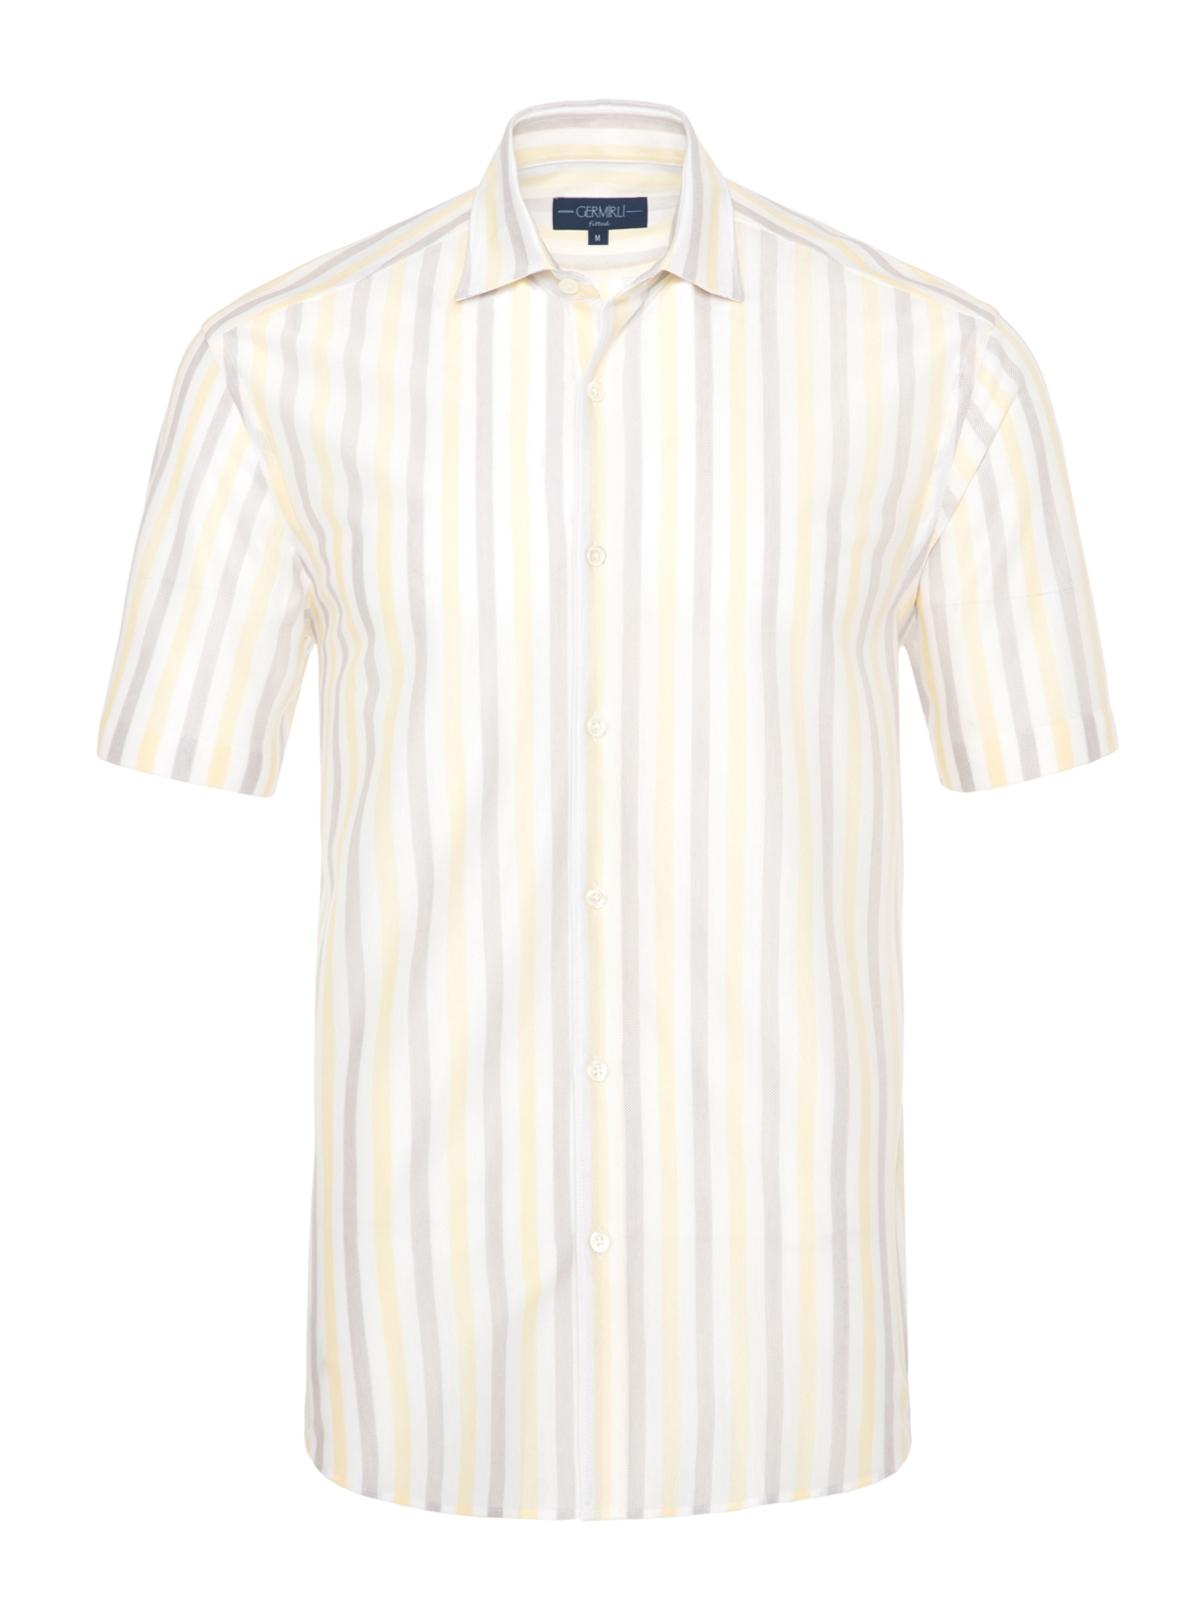 Germirli - Germirli Sarı Beyaz Gri Çizgili Kısa Kollu Soft Yaka Örme Tailor Fit Gömlek